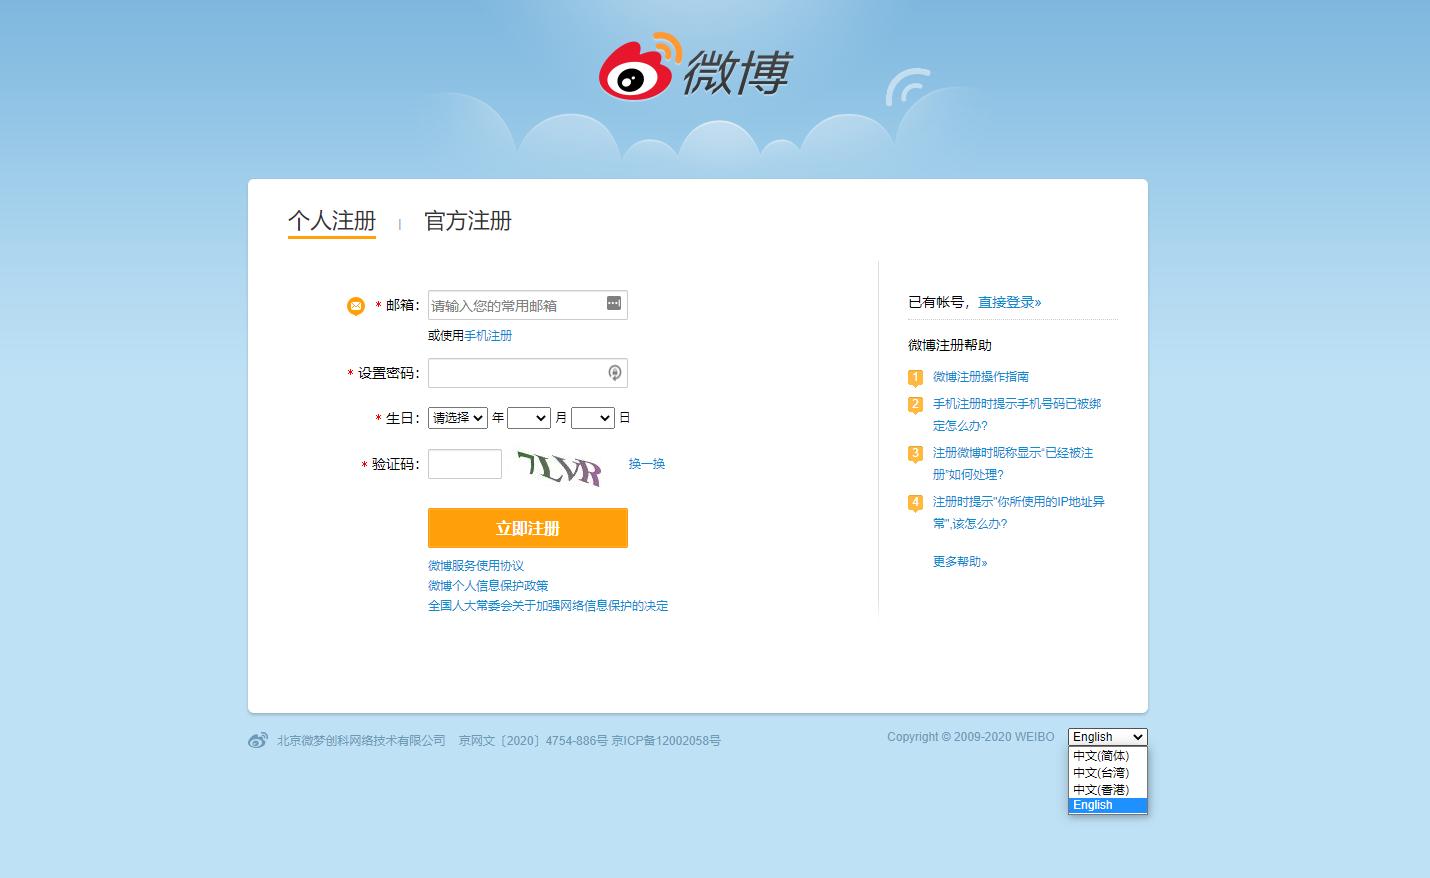 Cách đăng ký Weibo trên điện thoại và PC siêu dễ, chỉ 30s là xong 5